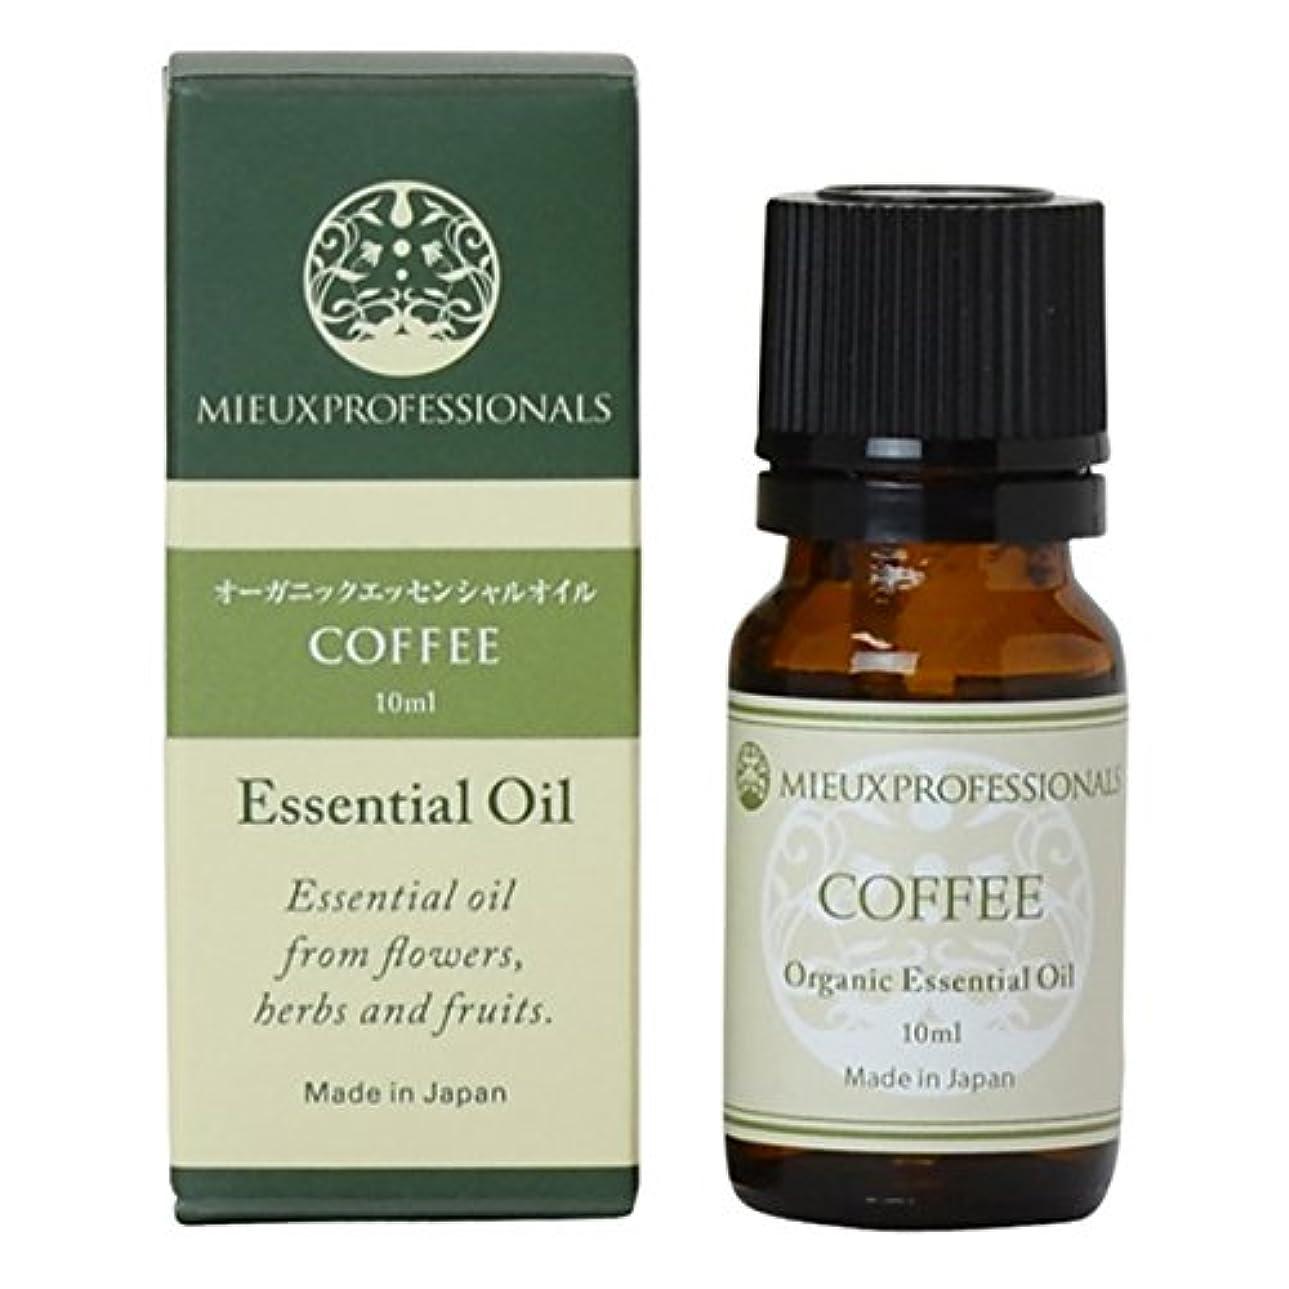 アセ強調時計回りオーガニックCO2エキストラクト コーヒー 10ml